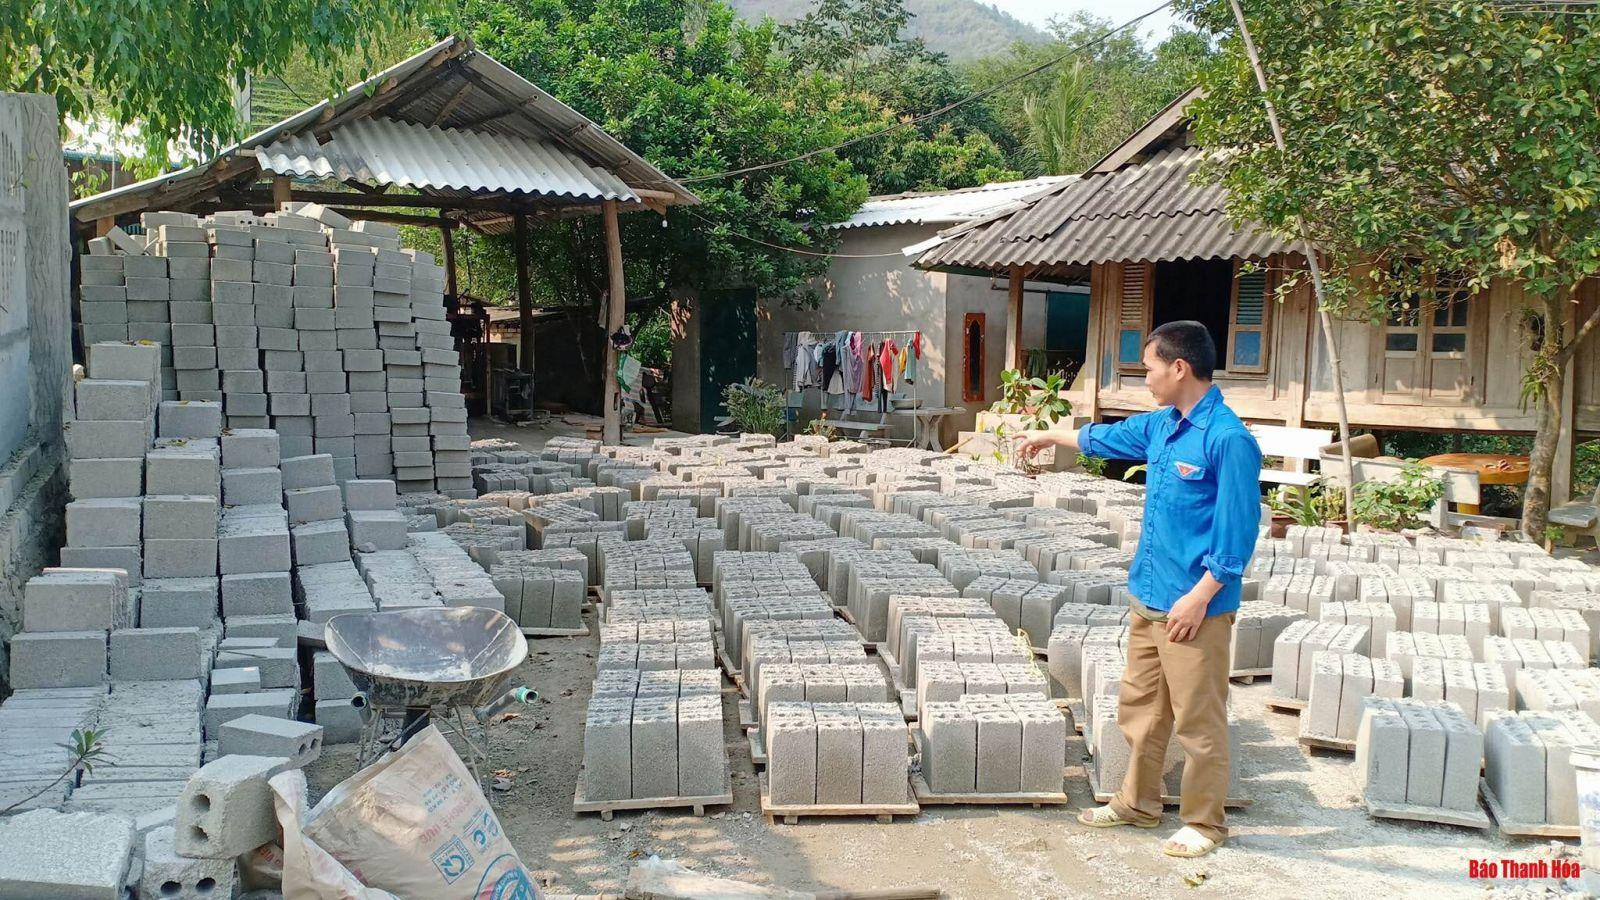 Một góc xưởng sản xuất gạch của anh Hà Văn Chục.